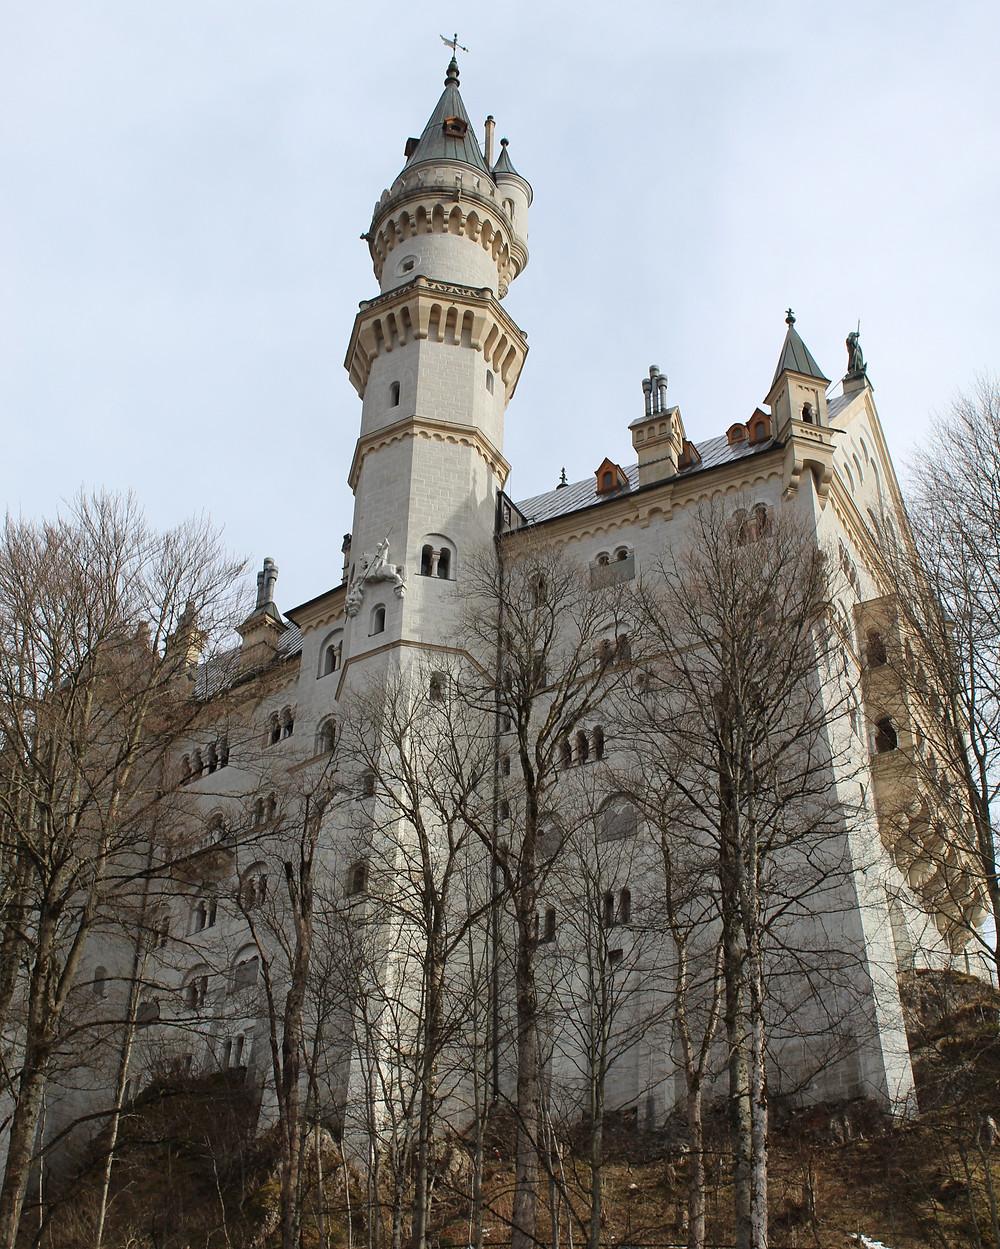 Descubre al castillo alemán Neuschwanstein en un día.